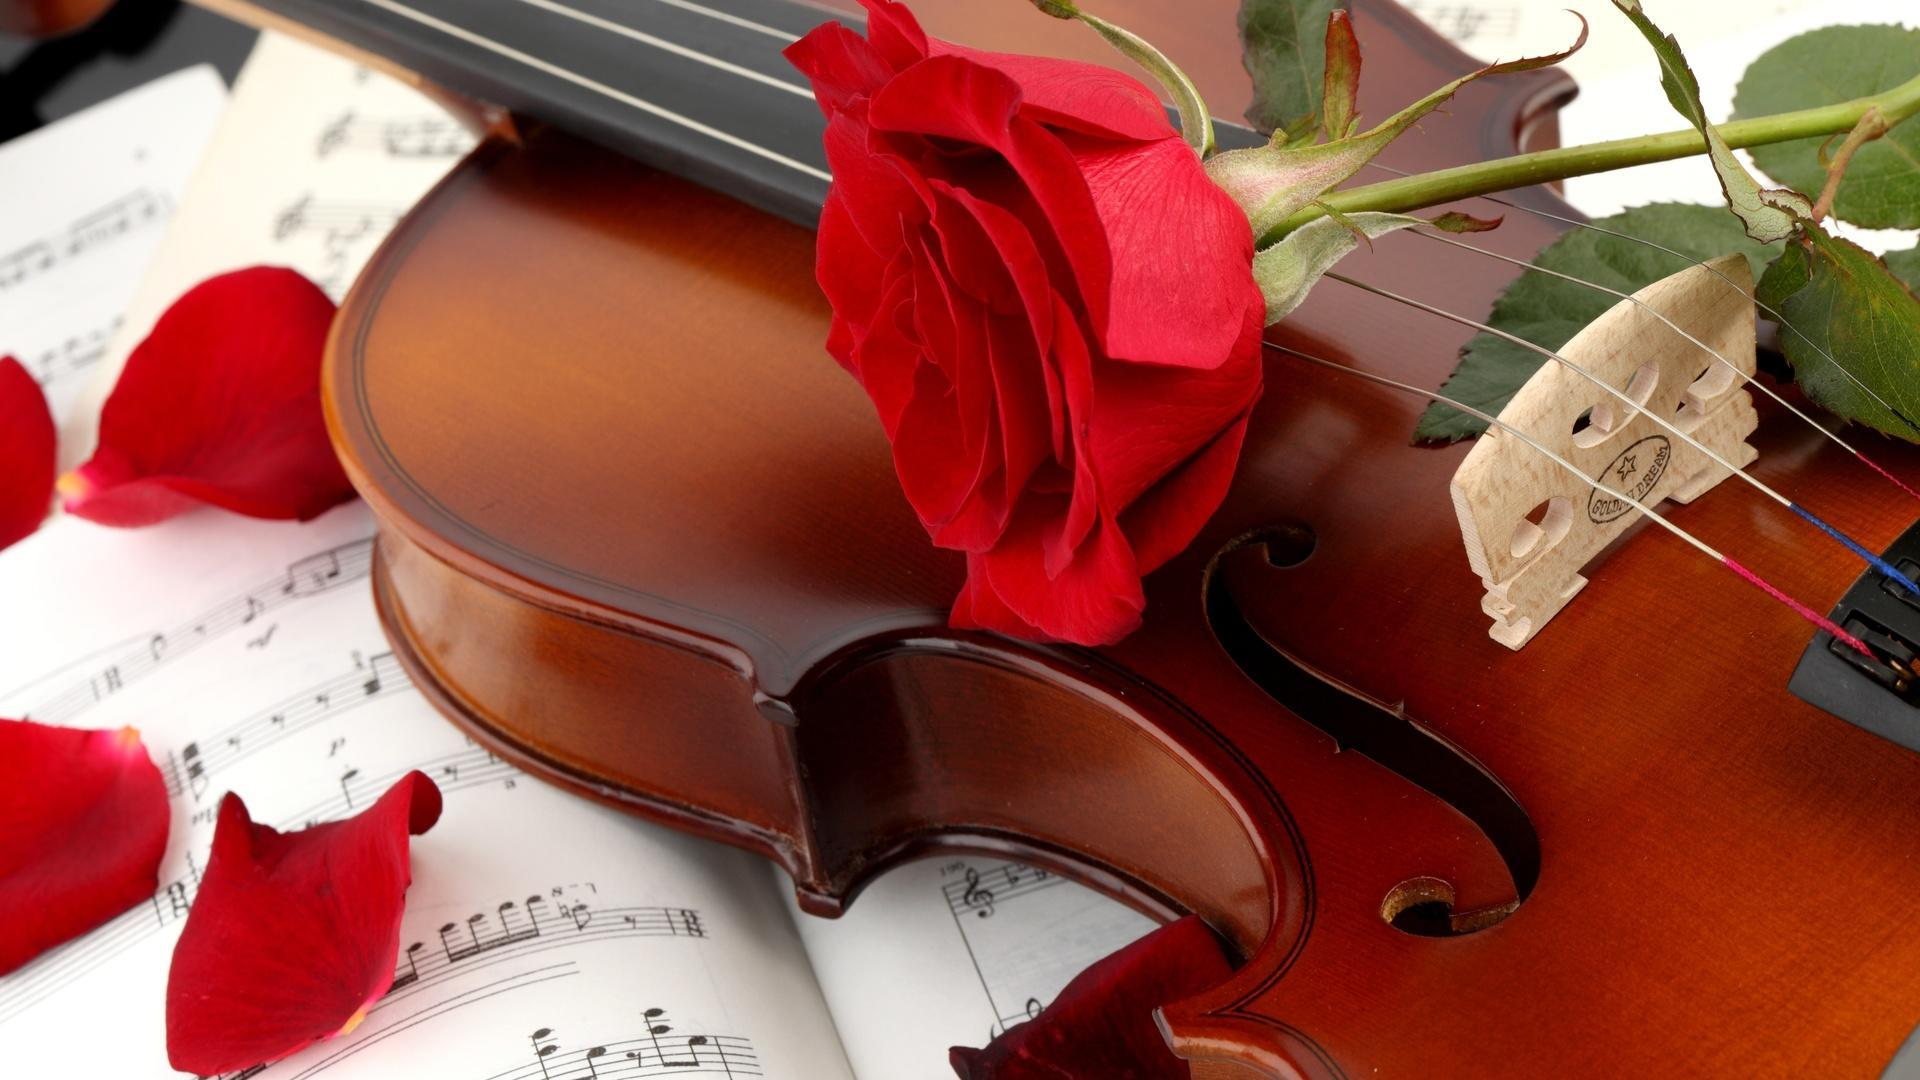 Сделать, хорошую открытку с музыкой для женщины